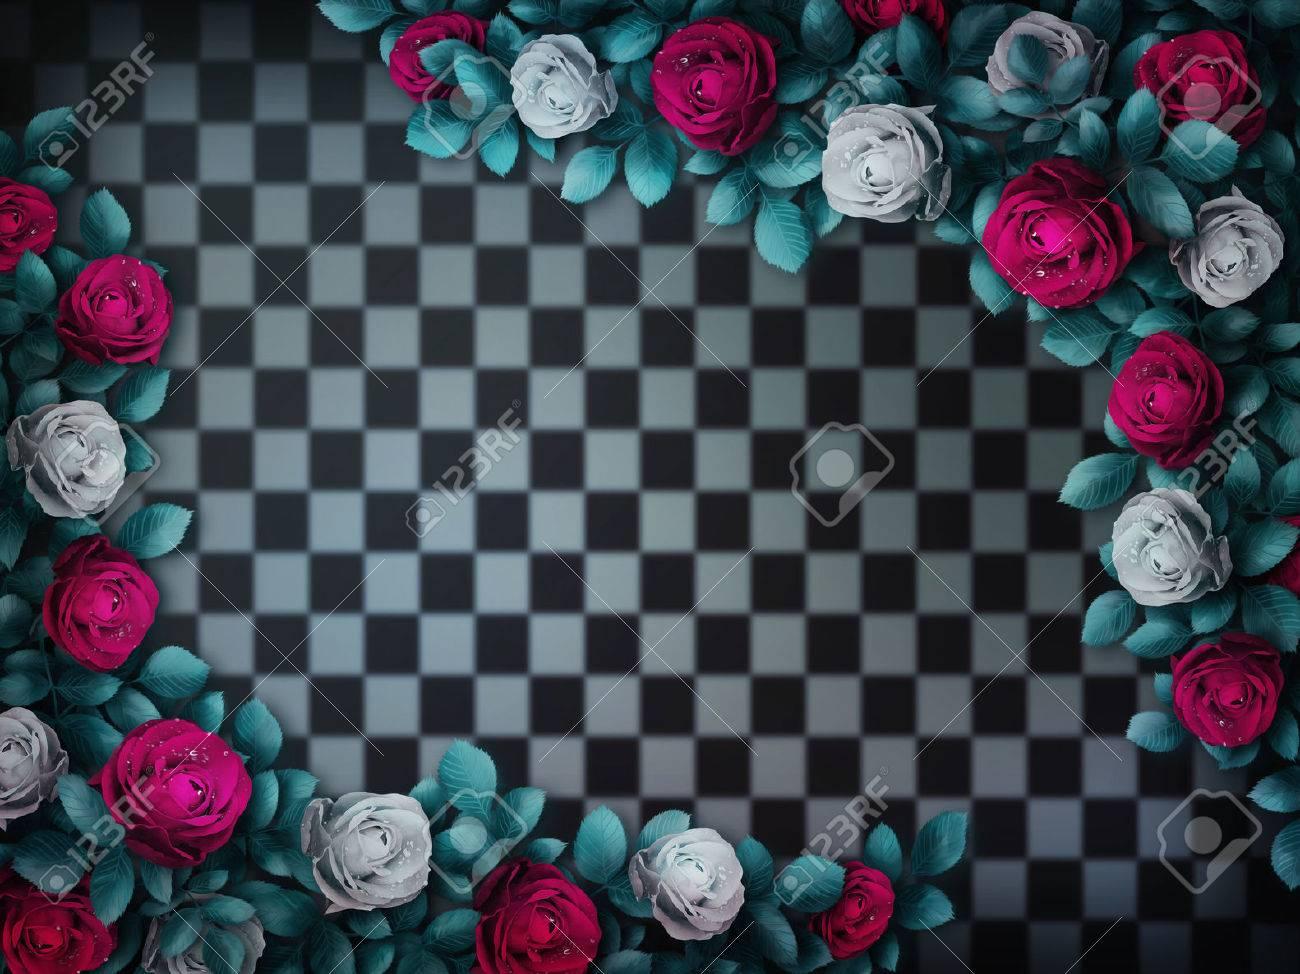 Alicia En El País De Las Maravillas. Rosas Rojas Y Rosas Blancas ...